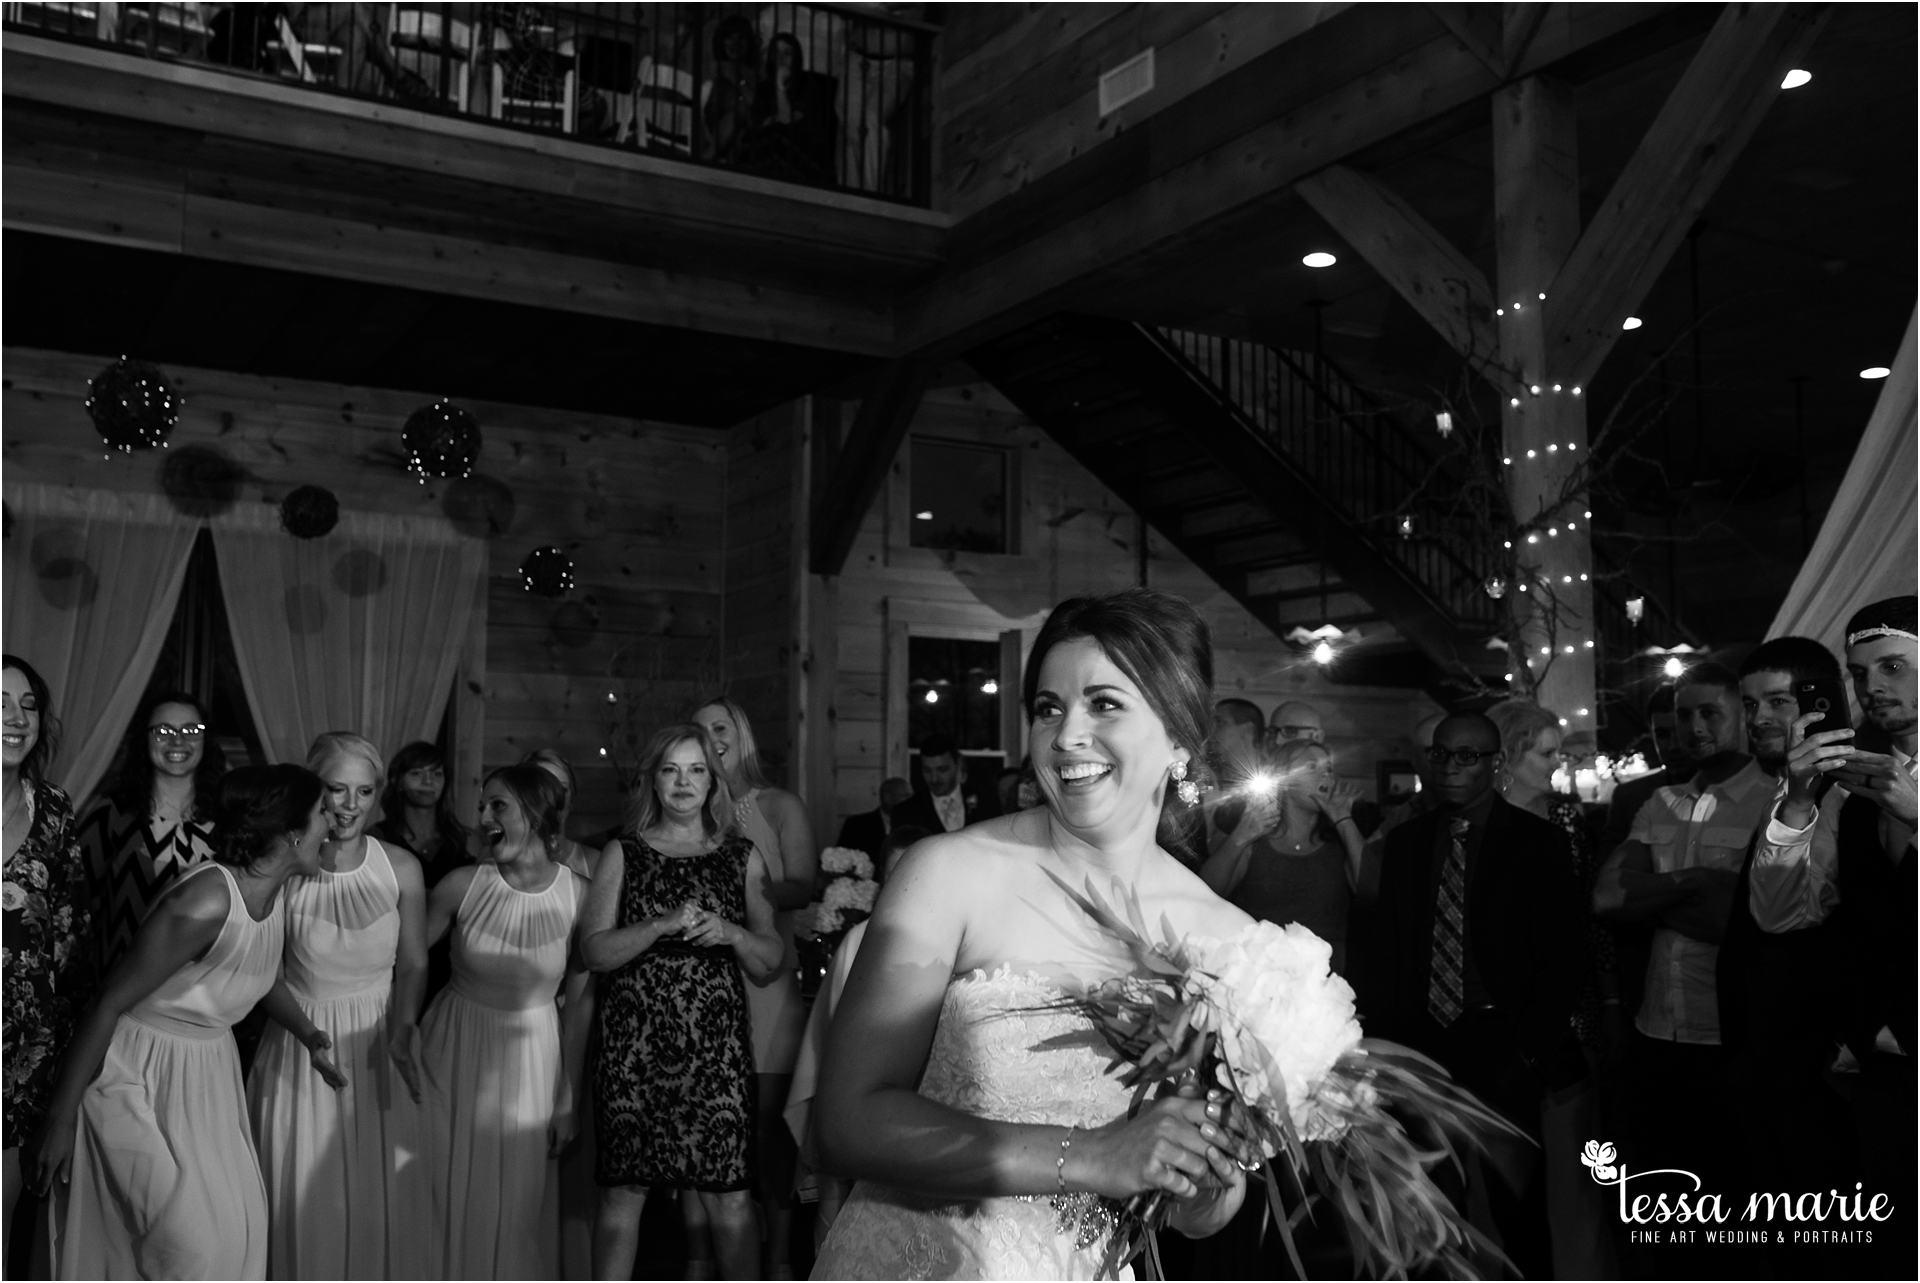 032216_brittany_kevin_wedding-173